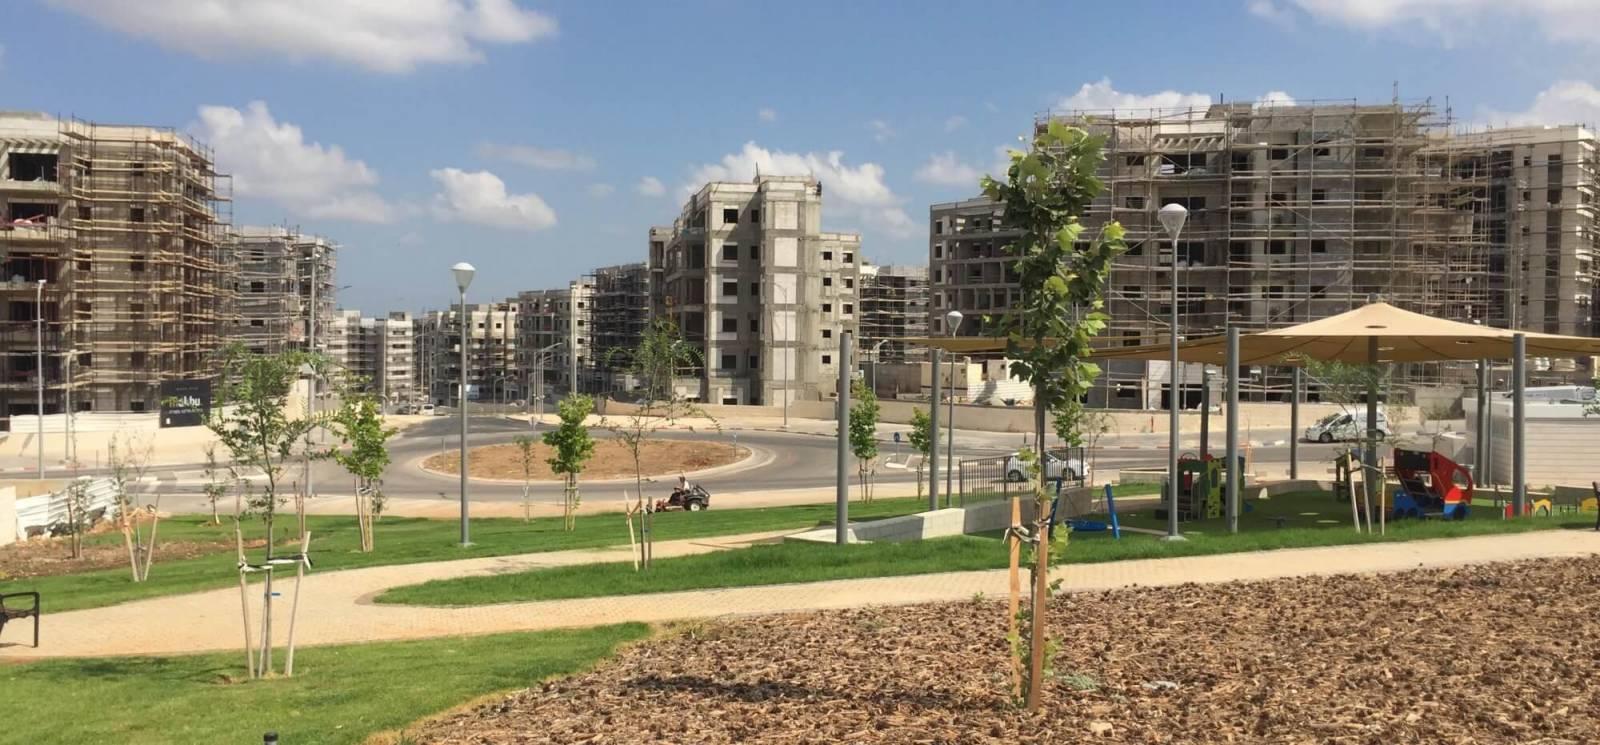 גינה ציבורית מוכנה בחריש לפני בנייני המגורים